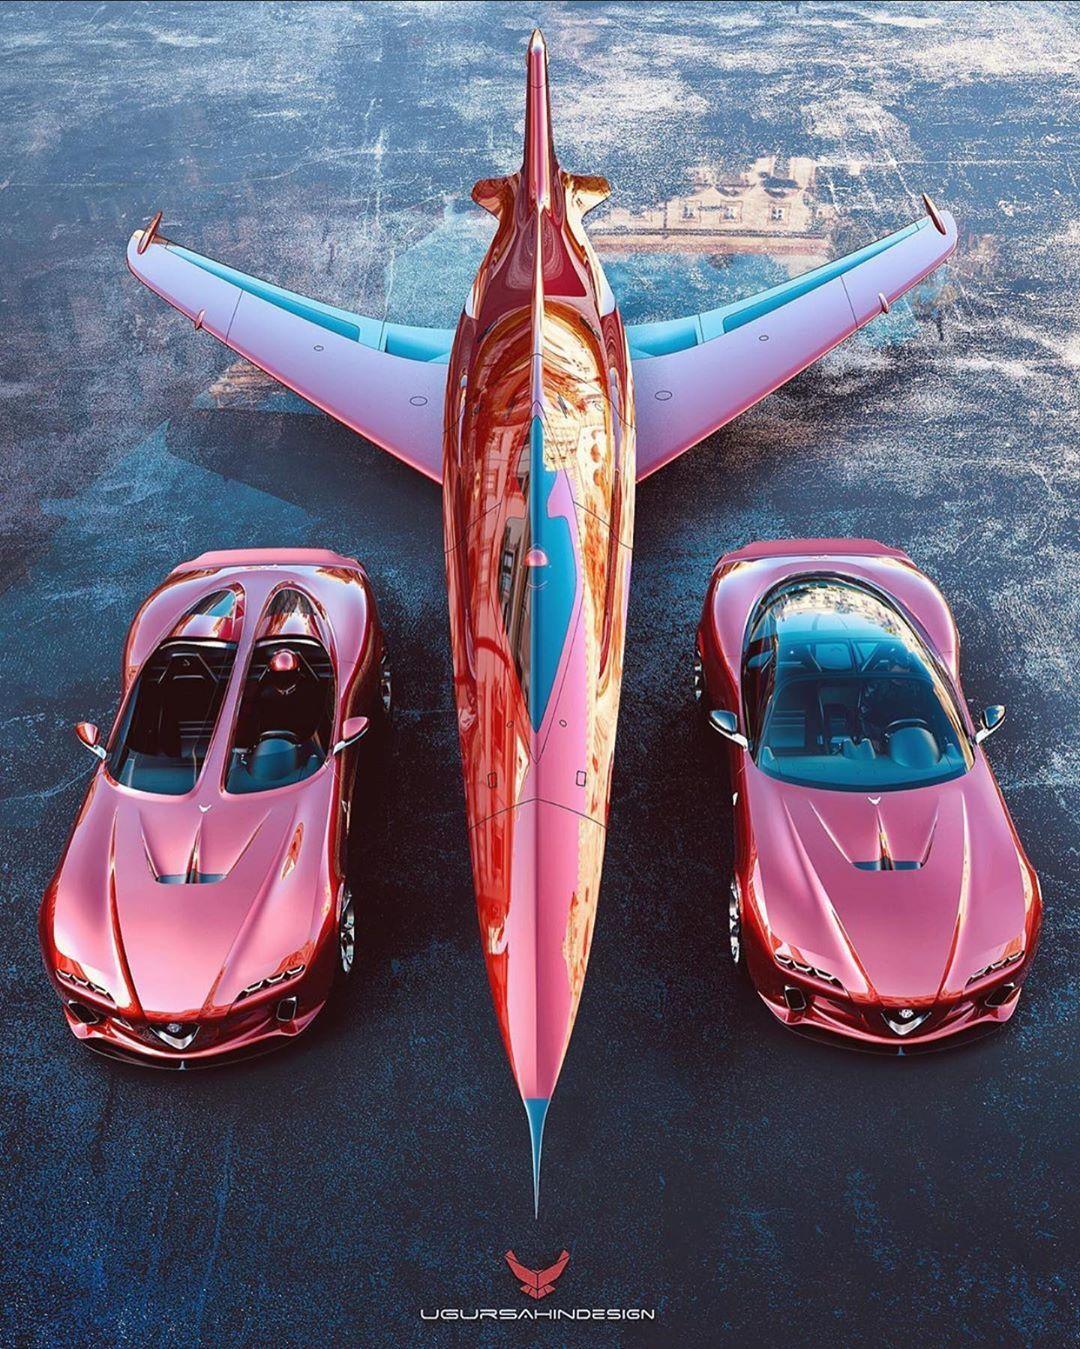 独特分裂座舱设计的阿尔法罗密欧 vs Plane!